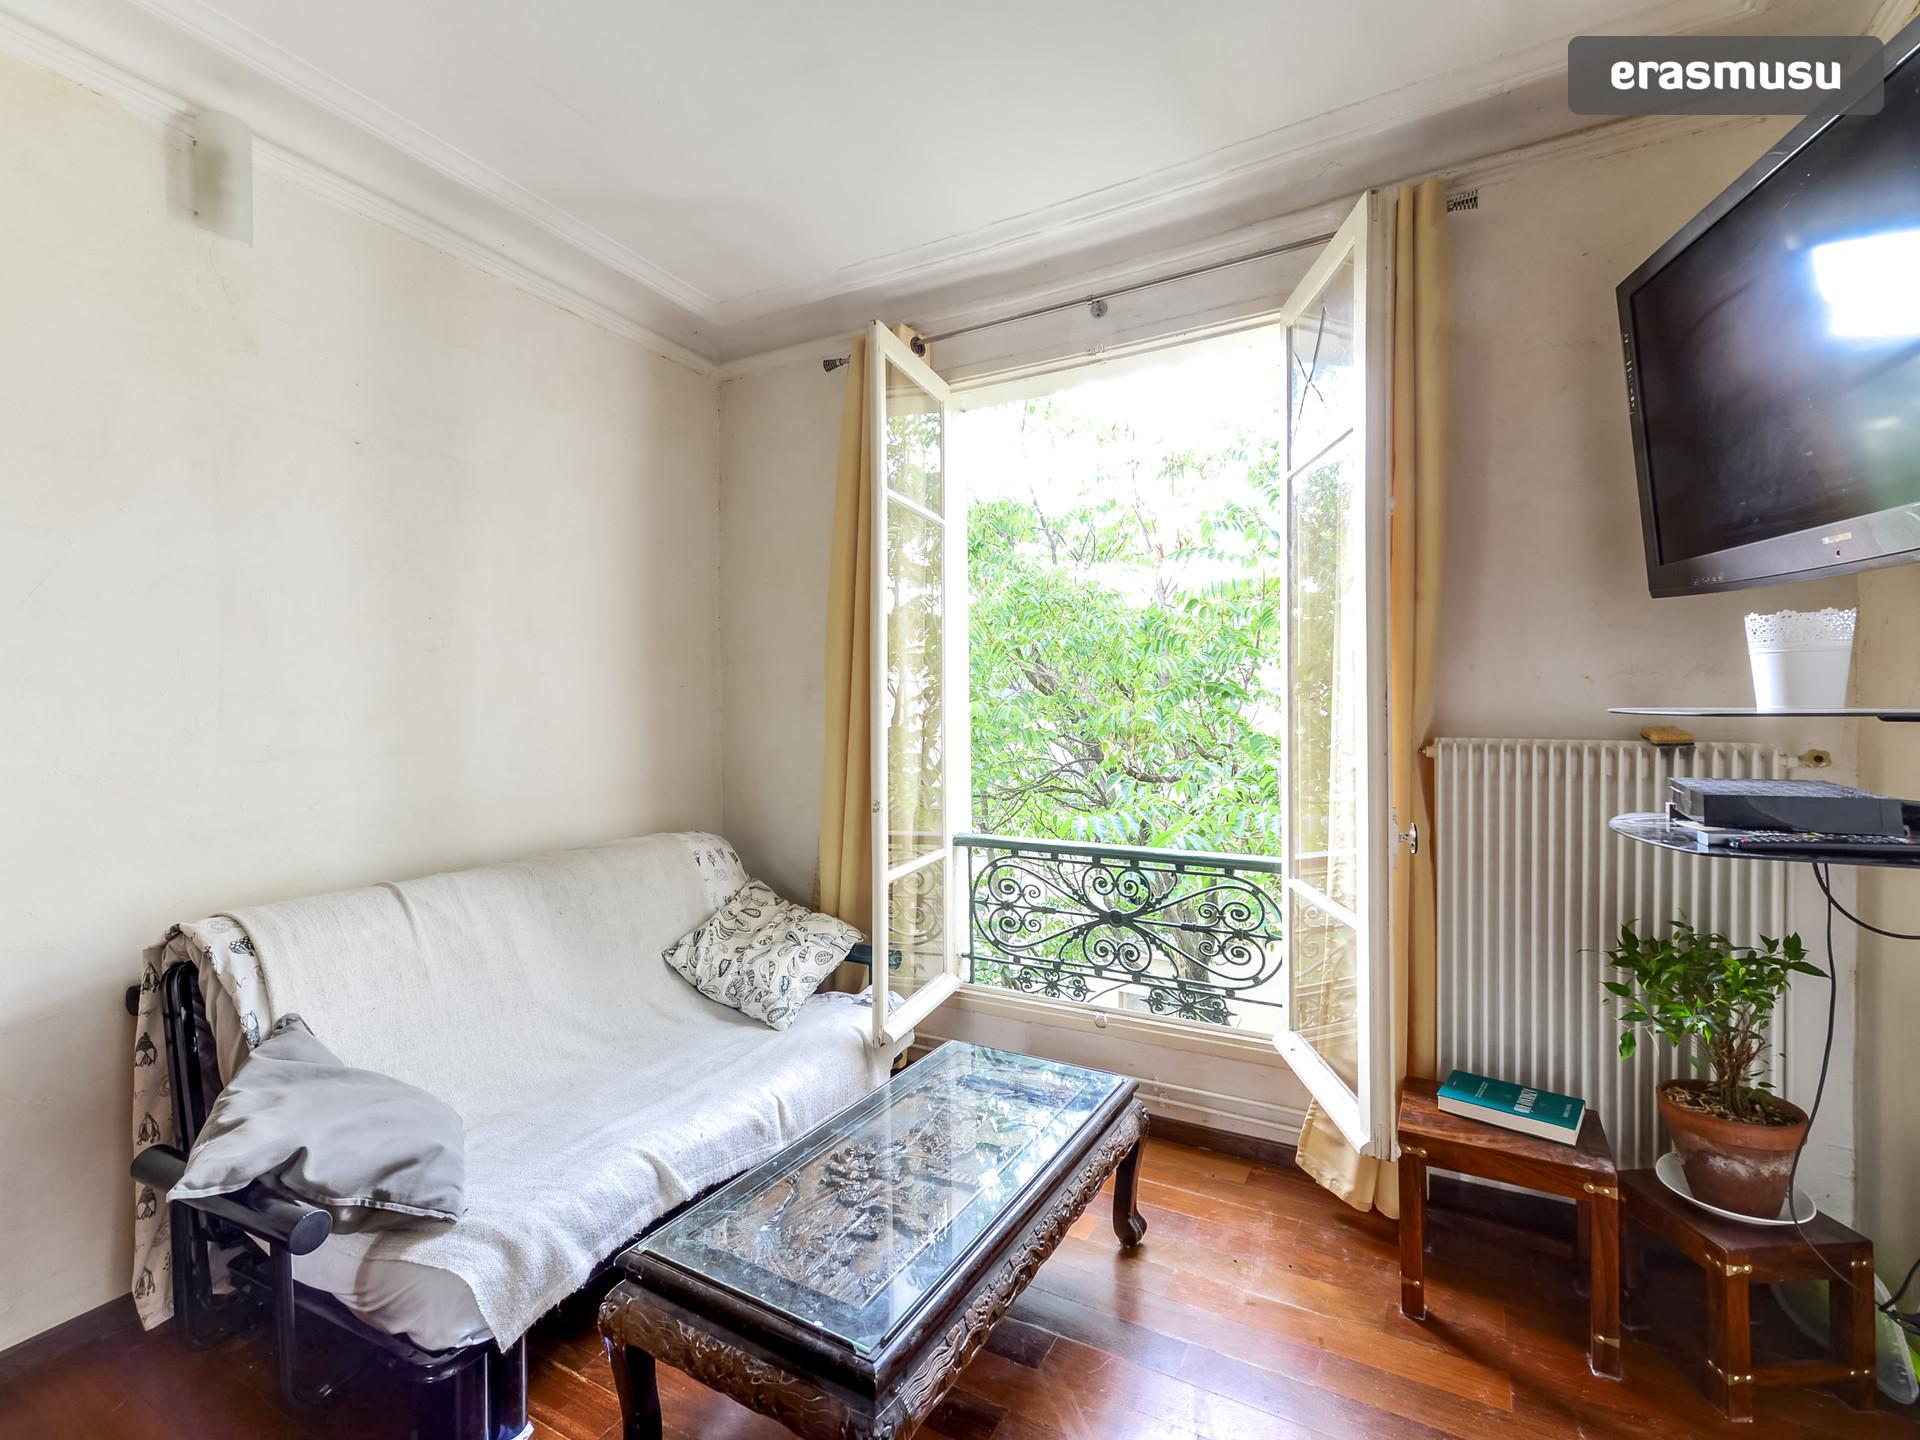 Bel appartement tr s calme et lumineux pr s du canal saint martin location - Recuperer caution appartement ...